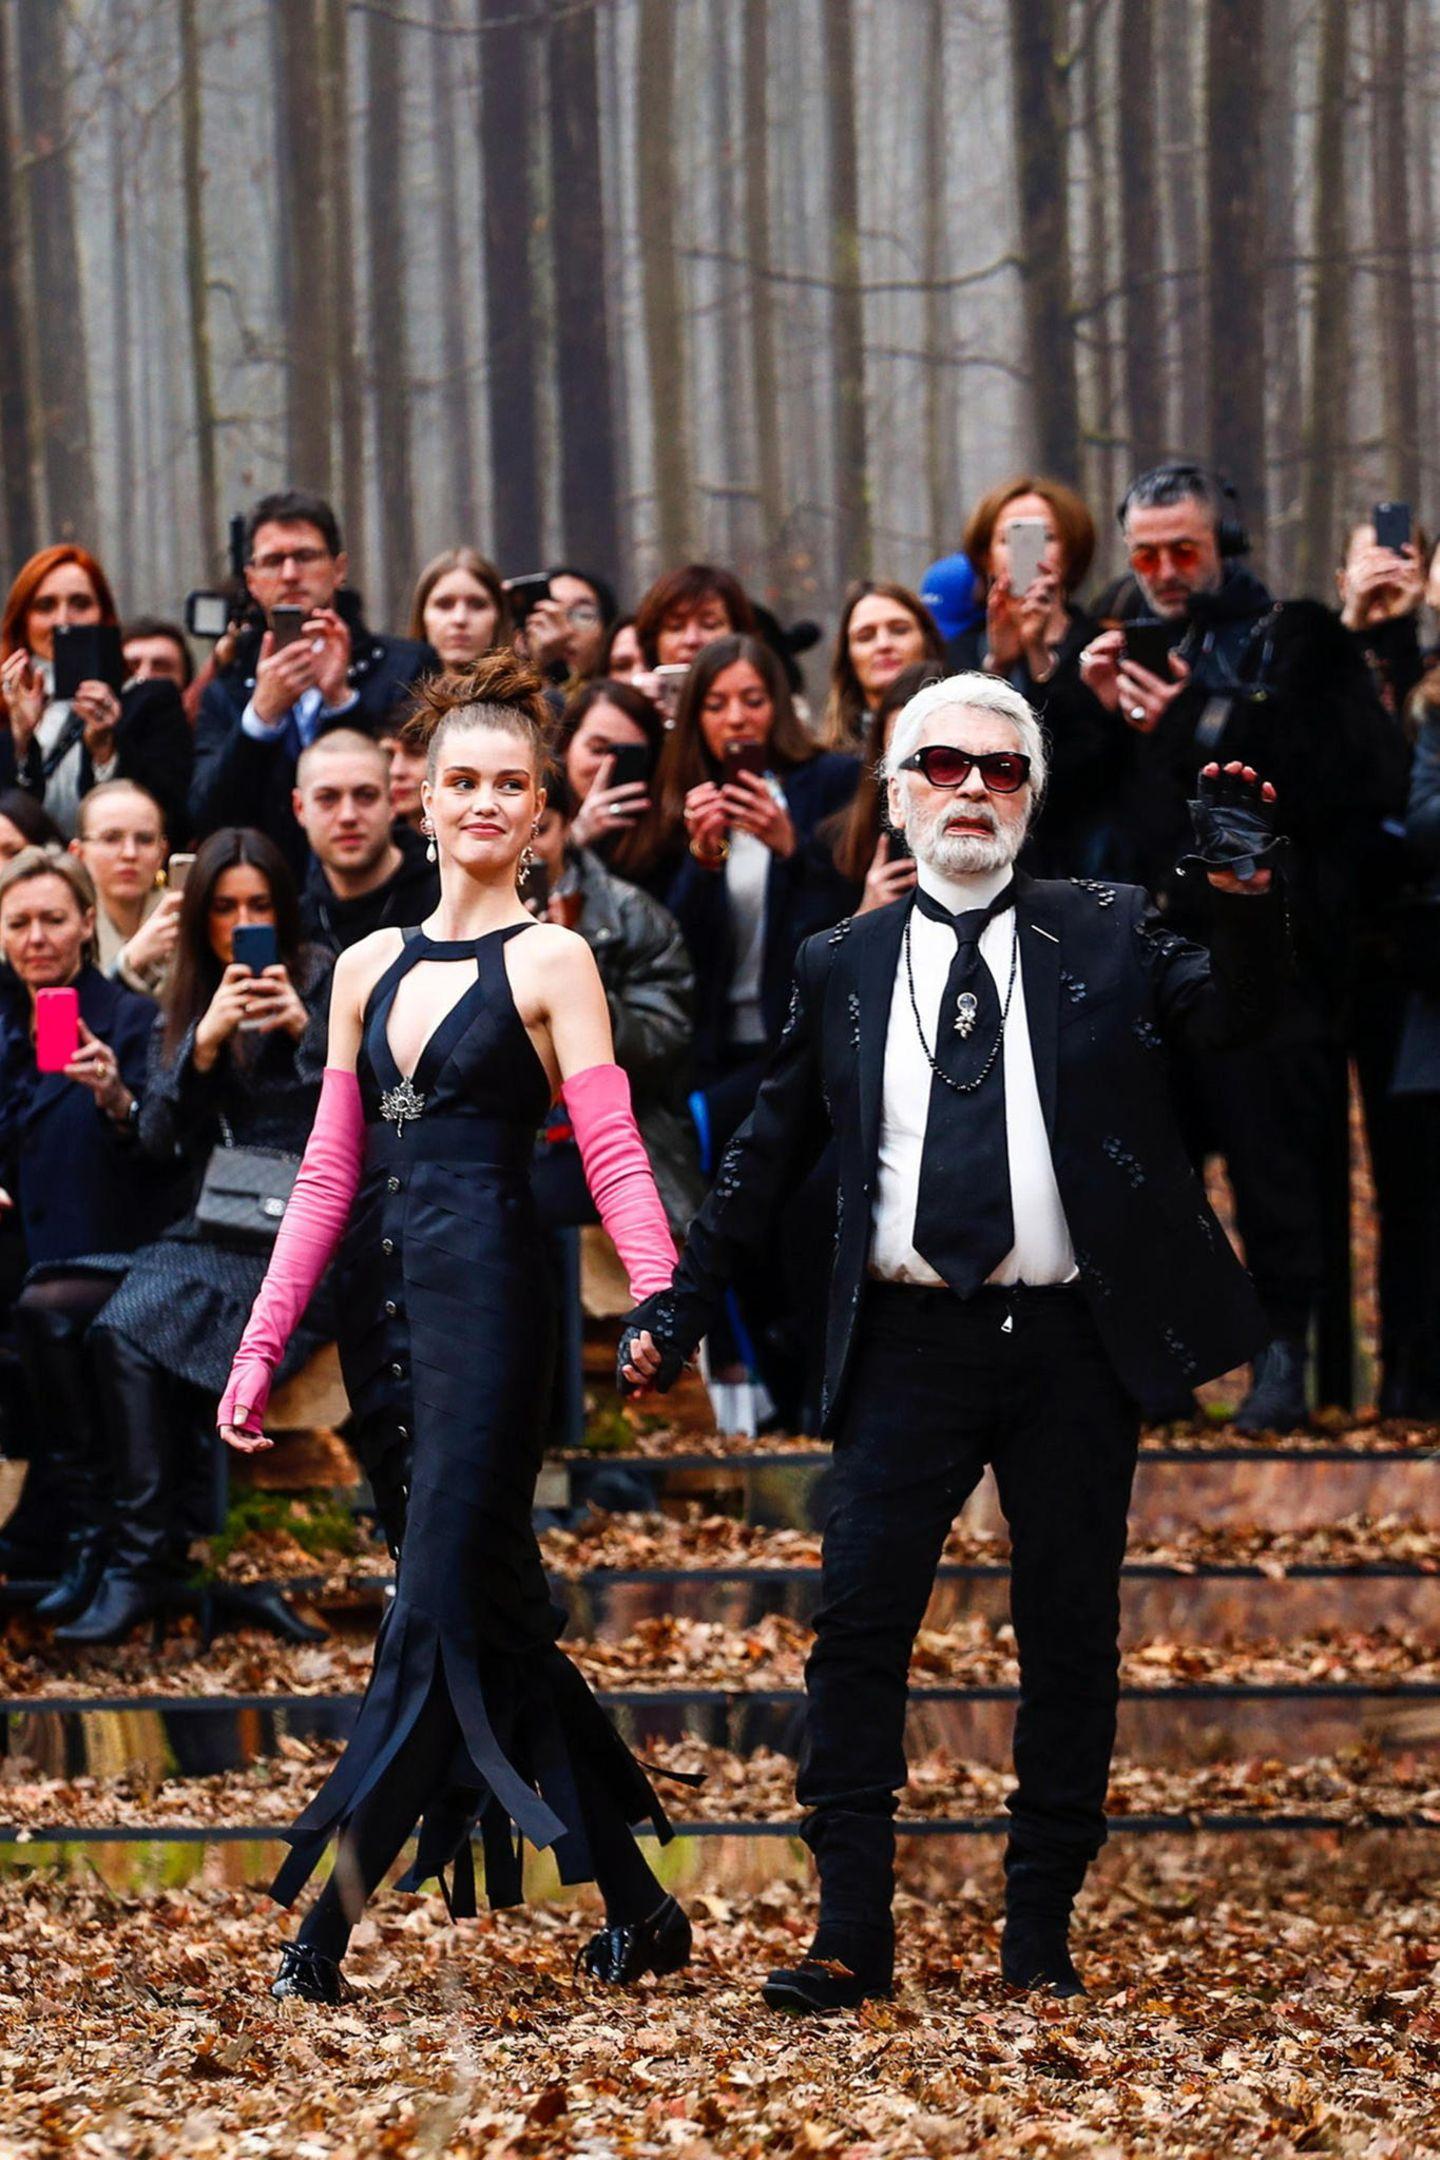 Karl Lagerfeld hat sich für seine waldige Show passenderweise noch nicht von seinem Holzfäller-Bart getrennt.